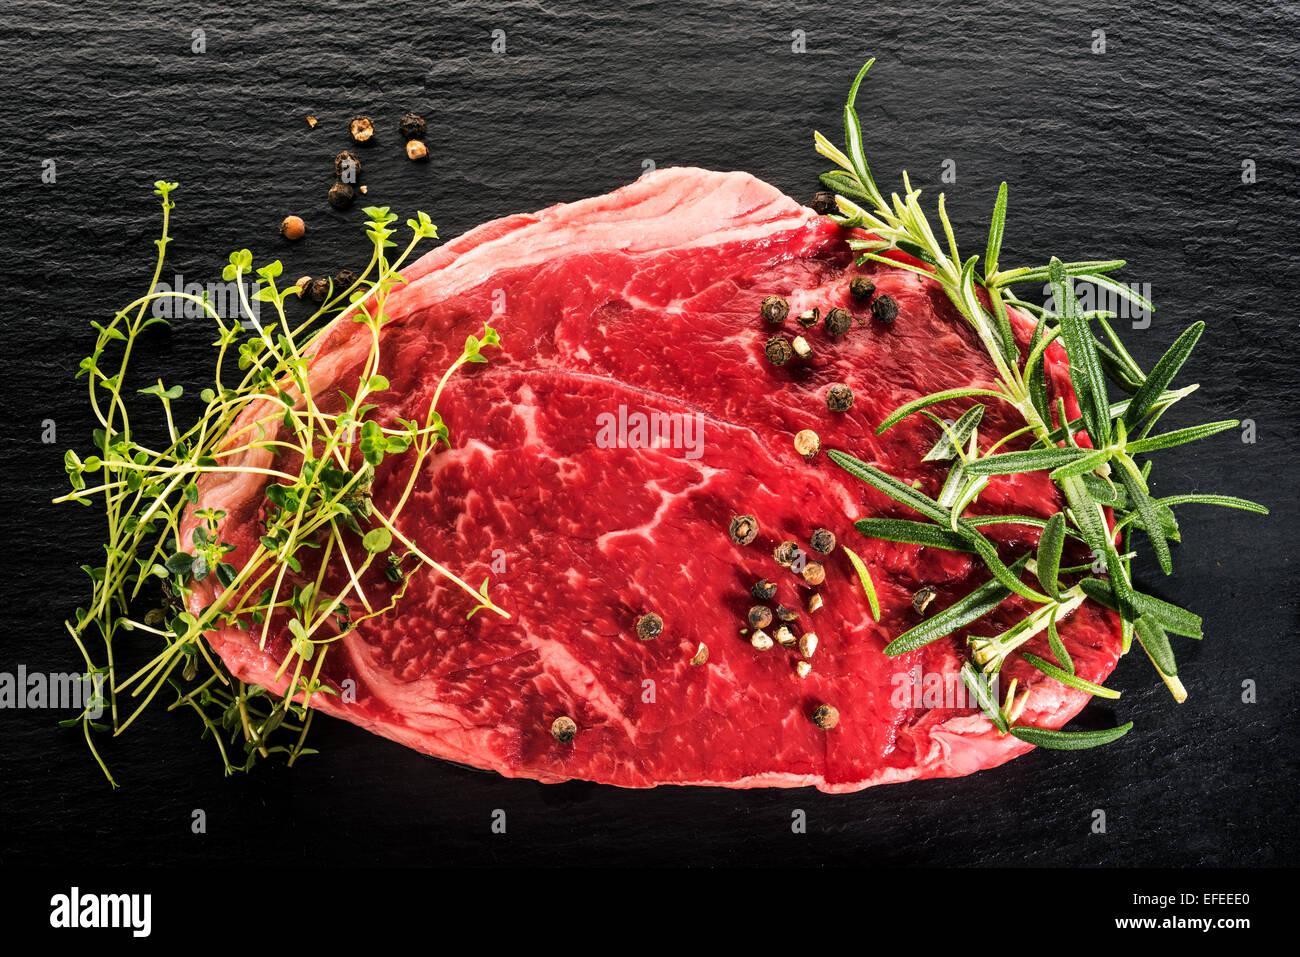 Pura carne di manzo crudo manzo americano bistecca di manzo bistecca di carne di prua cibo mangiare animali fetta Immagini Stock